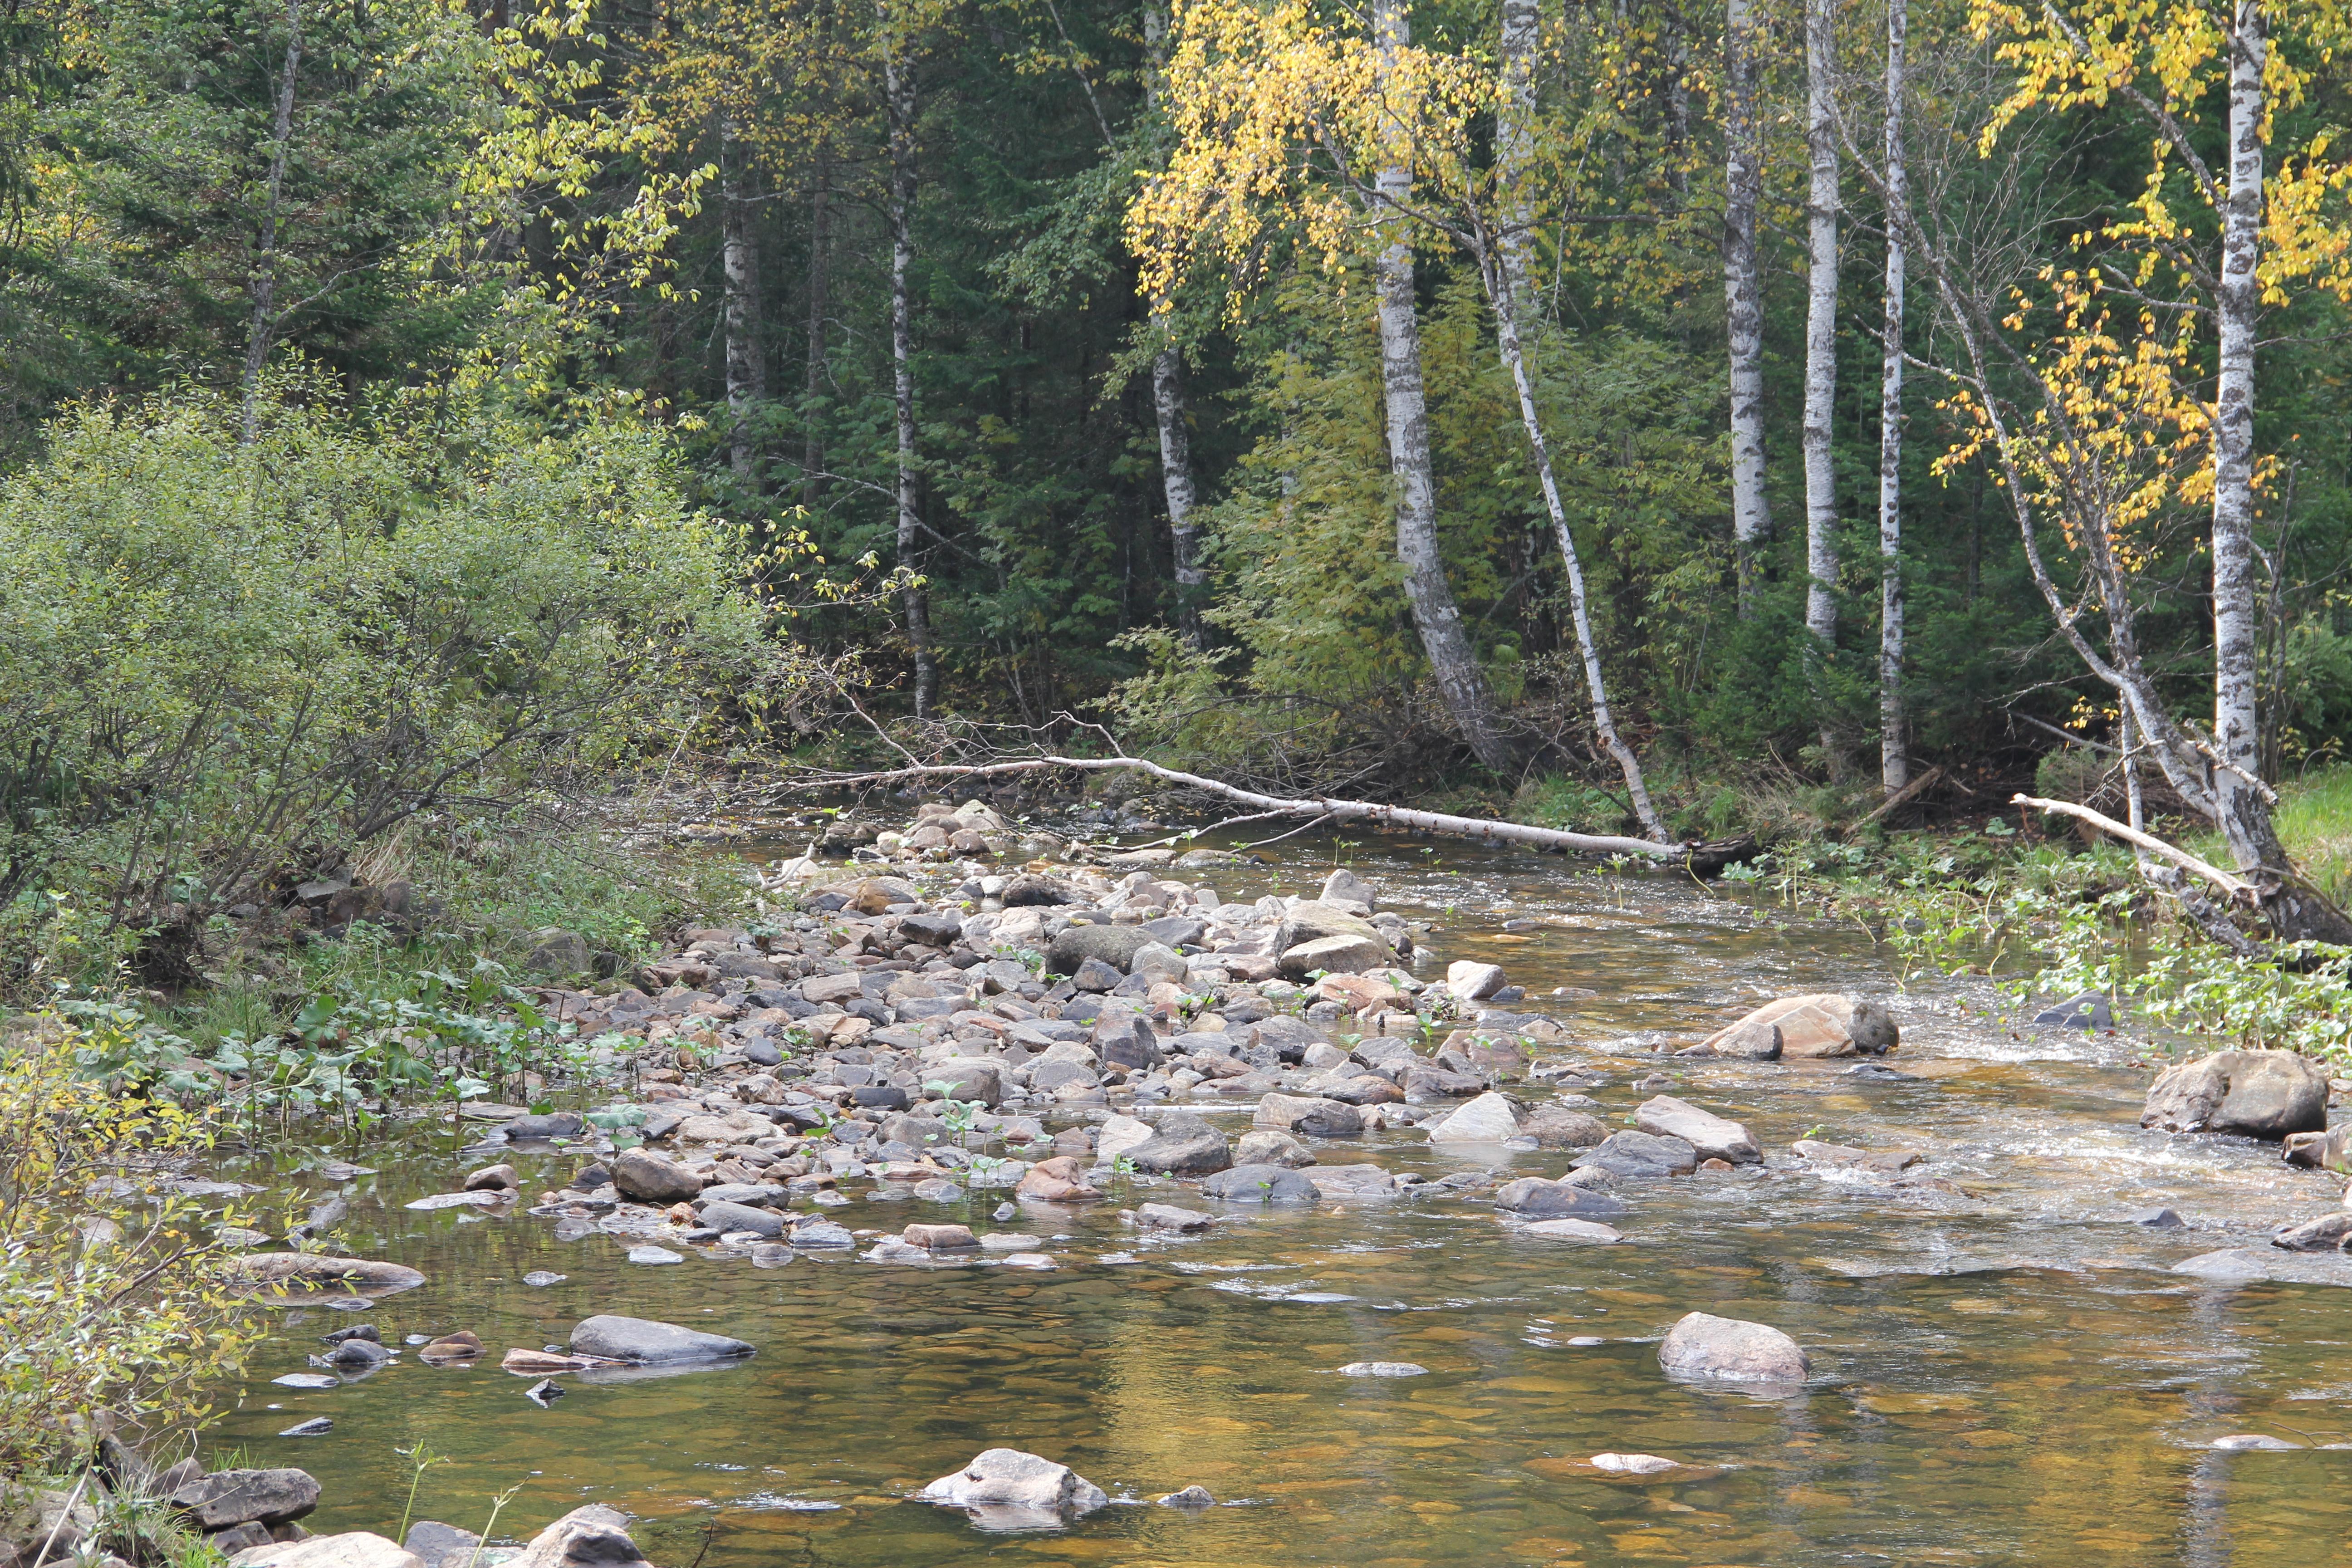 Россыпь камней в русле реки (30.09.2014)